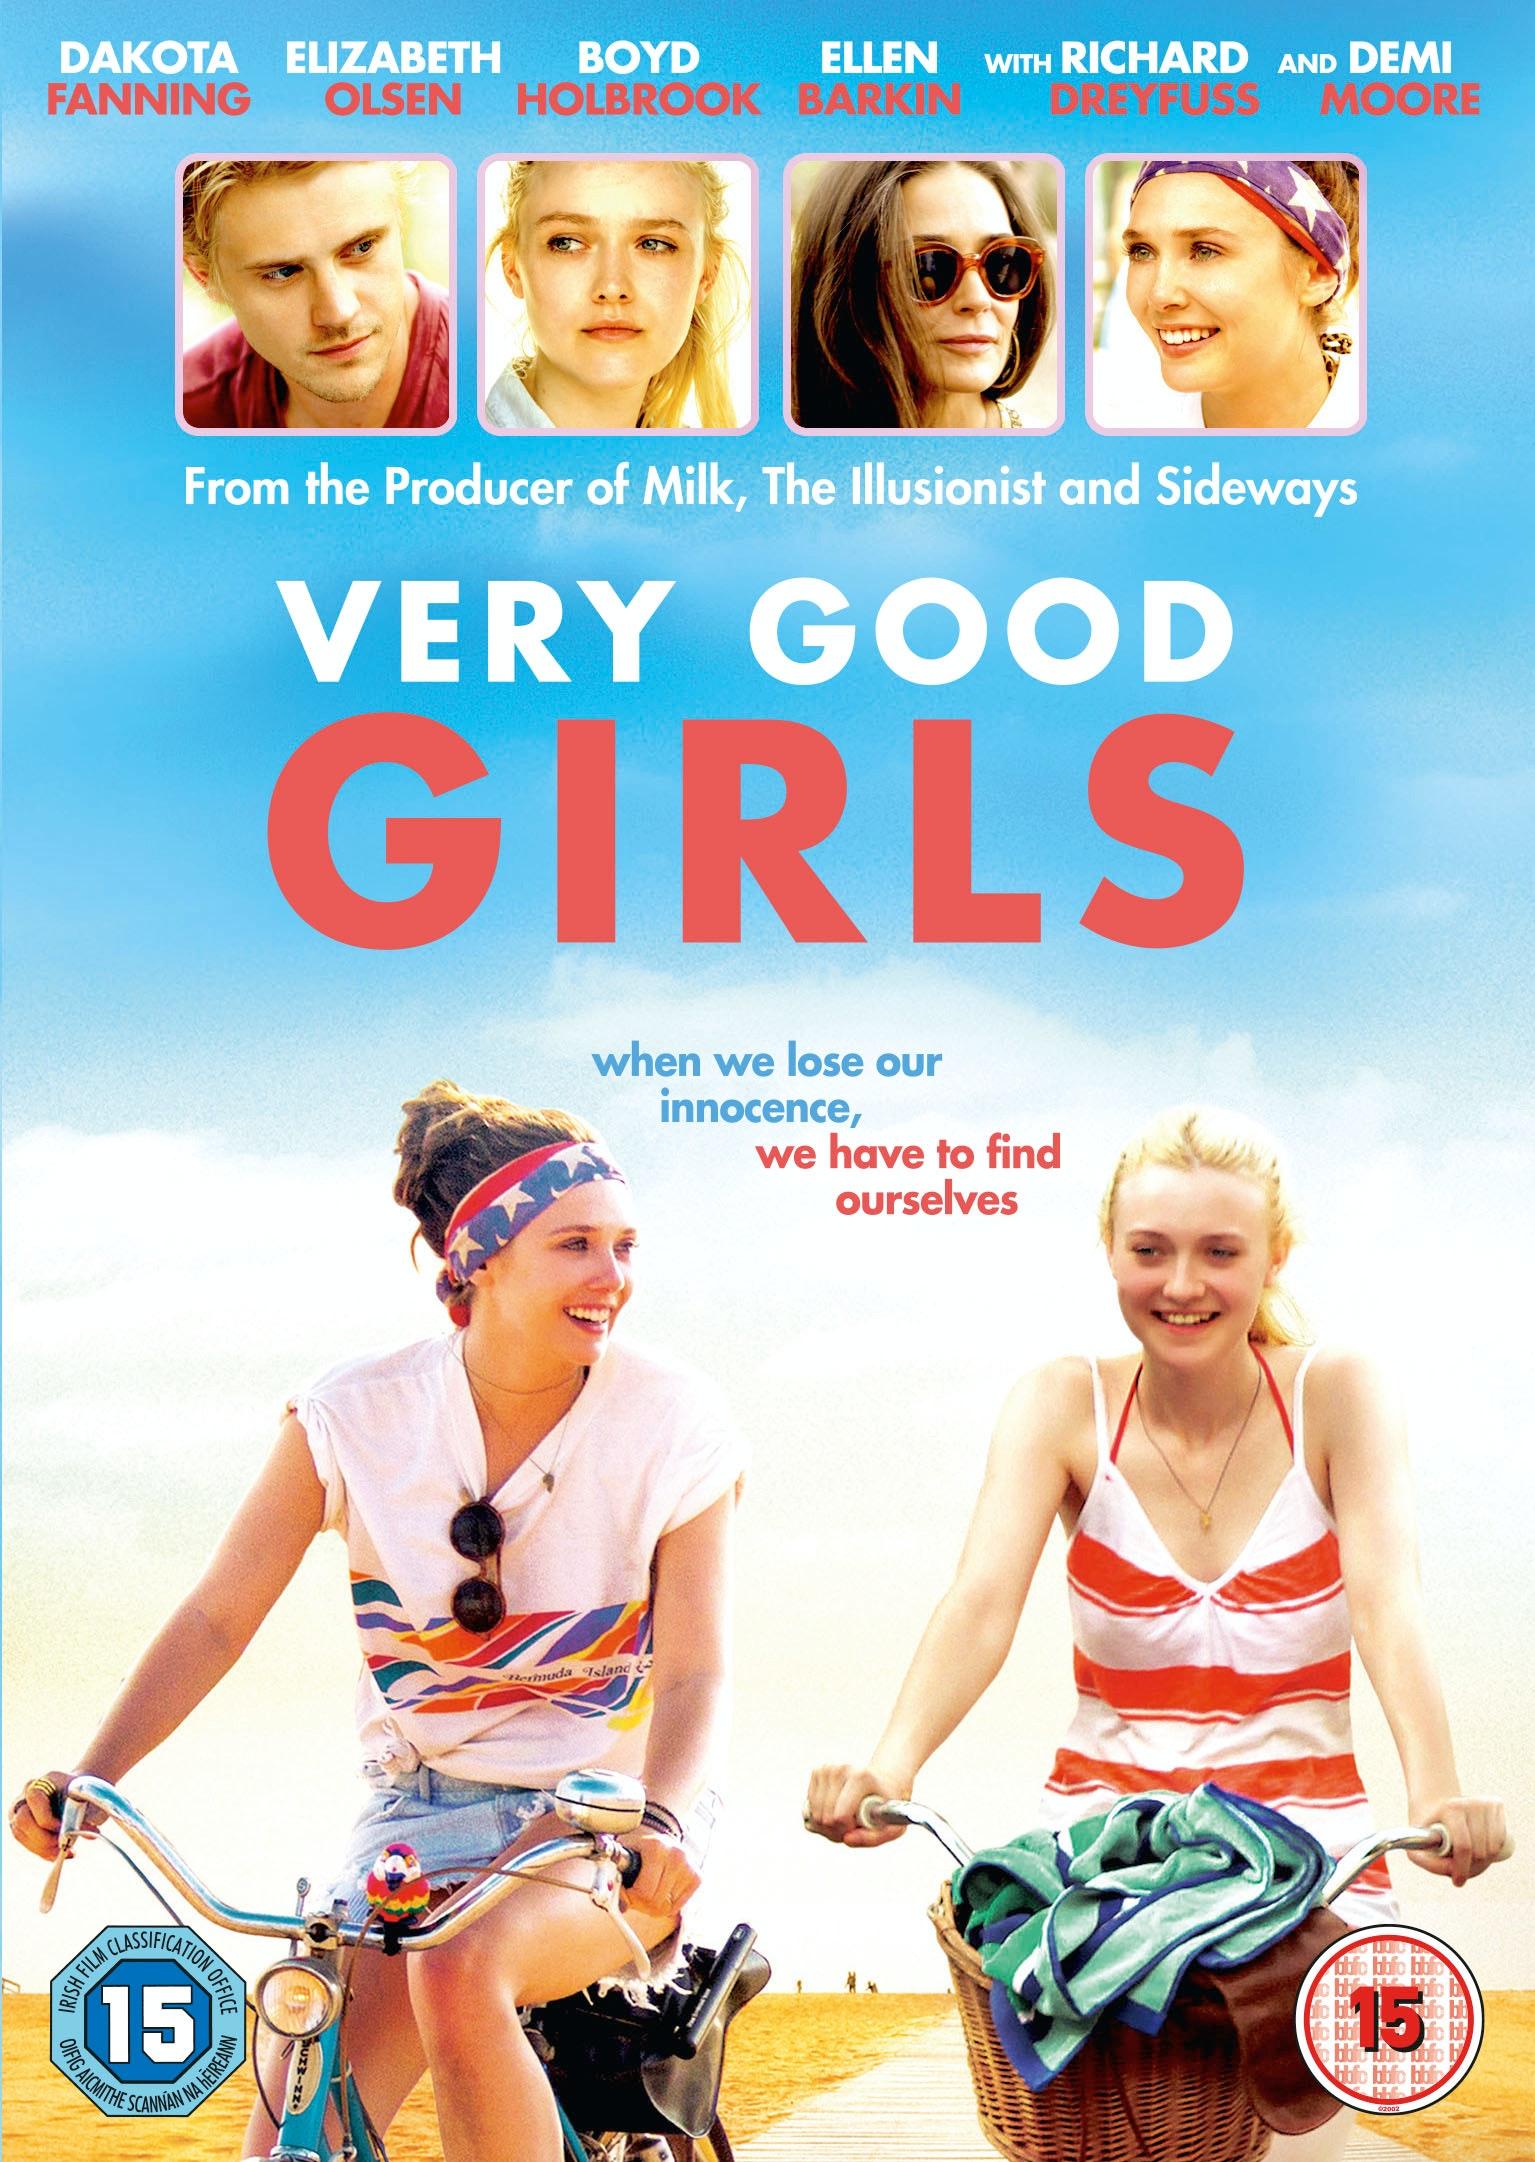 Very good girls 2d dvd